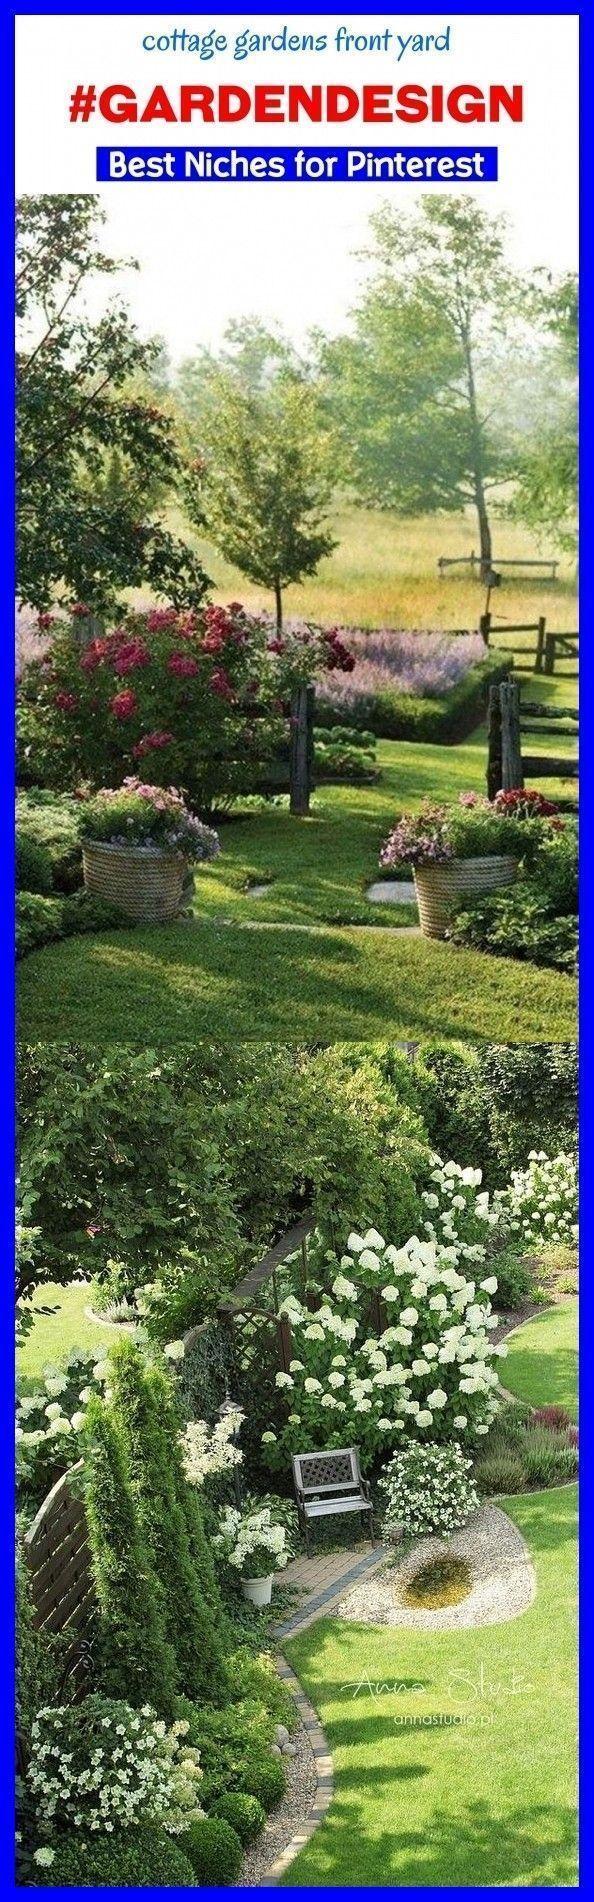 Die Cottage-Gärten sind Gärten #gardendesign #seo #in den Gärten. ein cottage...#cottage #cottagegarten #den #die #ein #gardendesign #garten #seo #sind